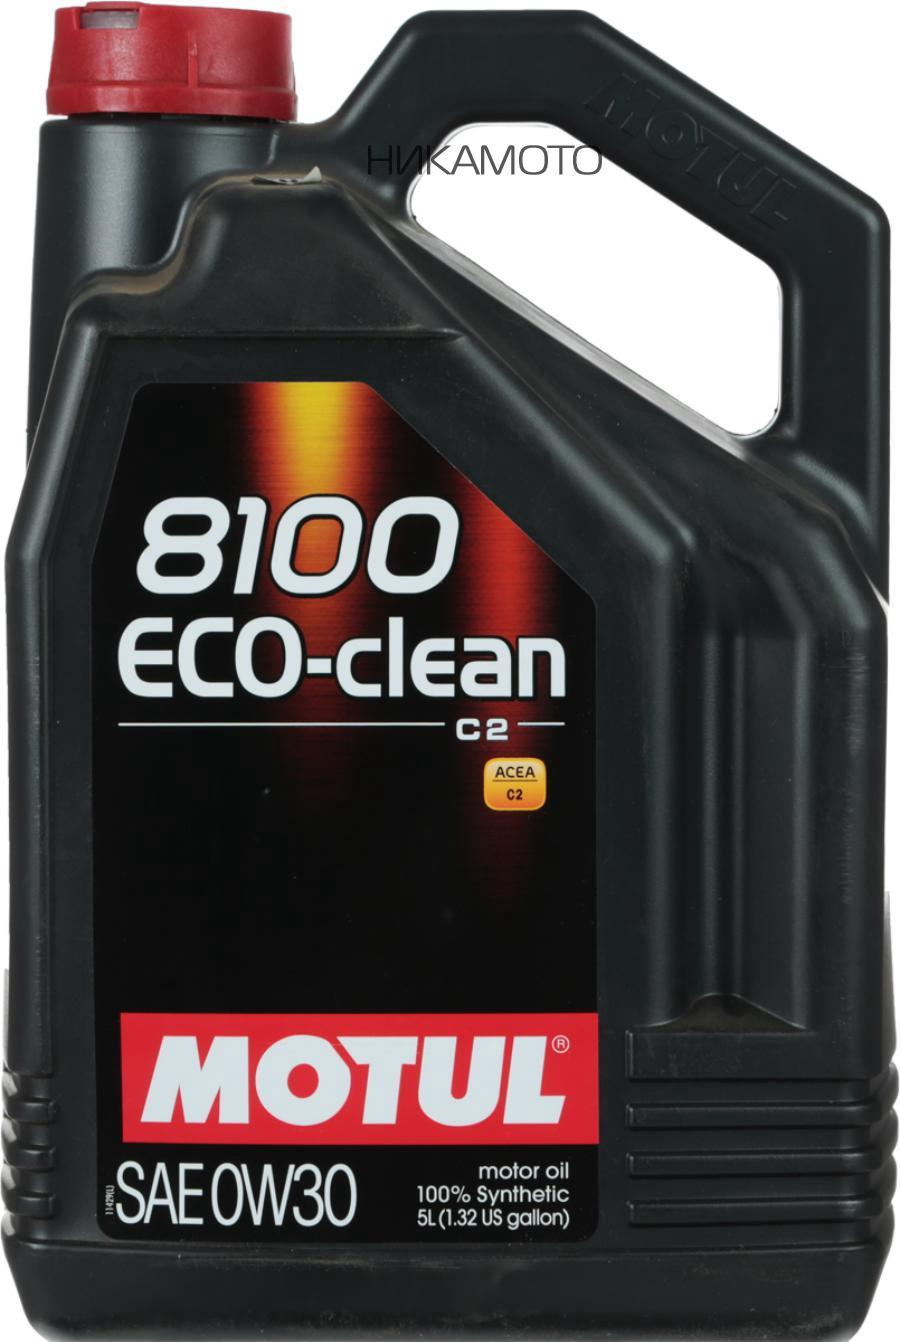 Масло моторное синтетическое 8100 Eco-clean 0W-30, 5л